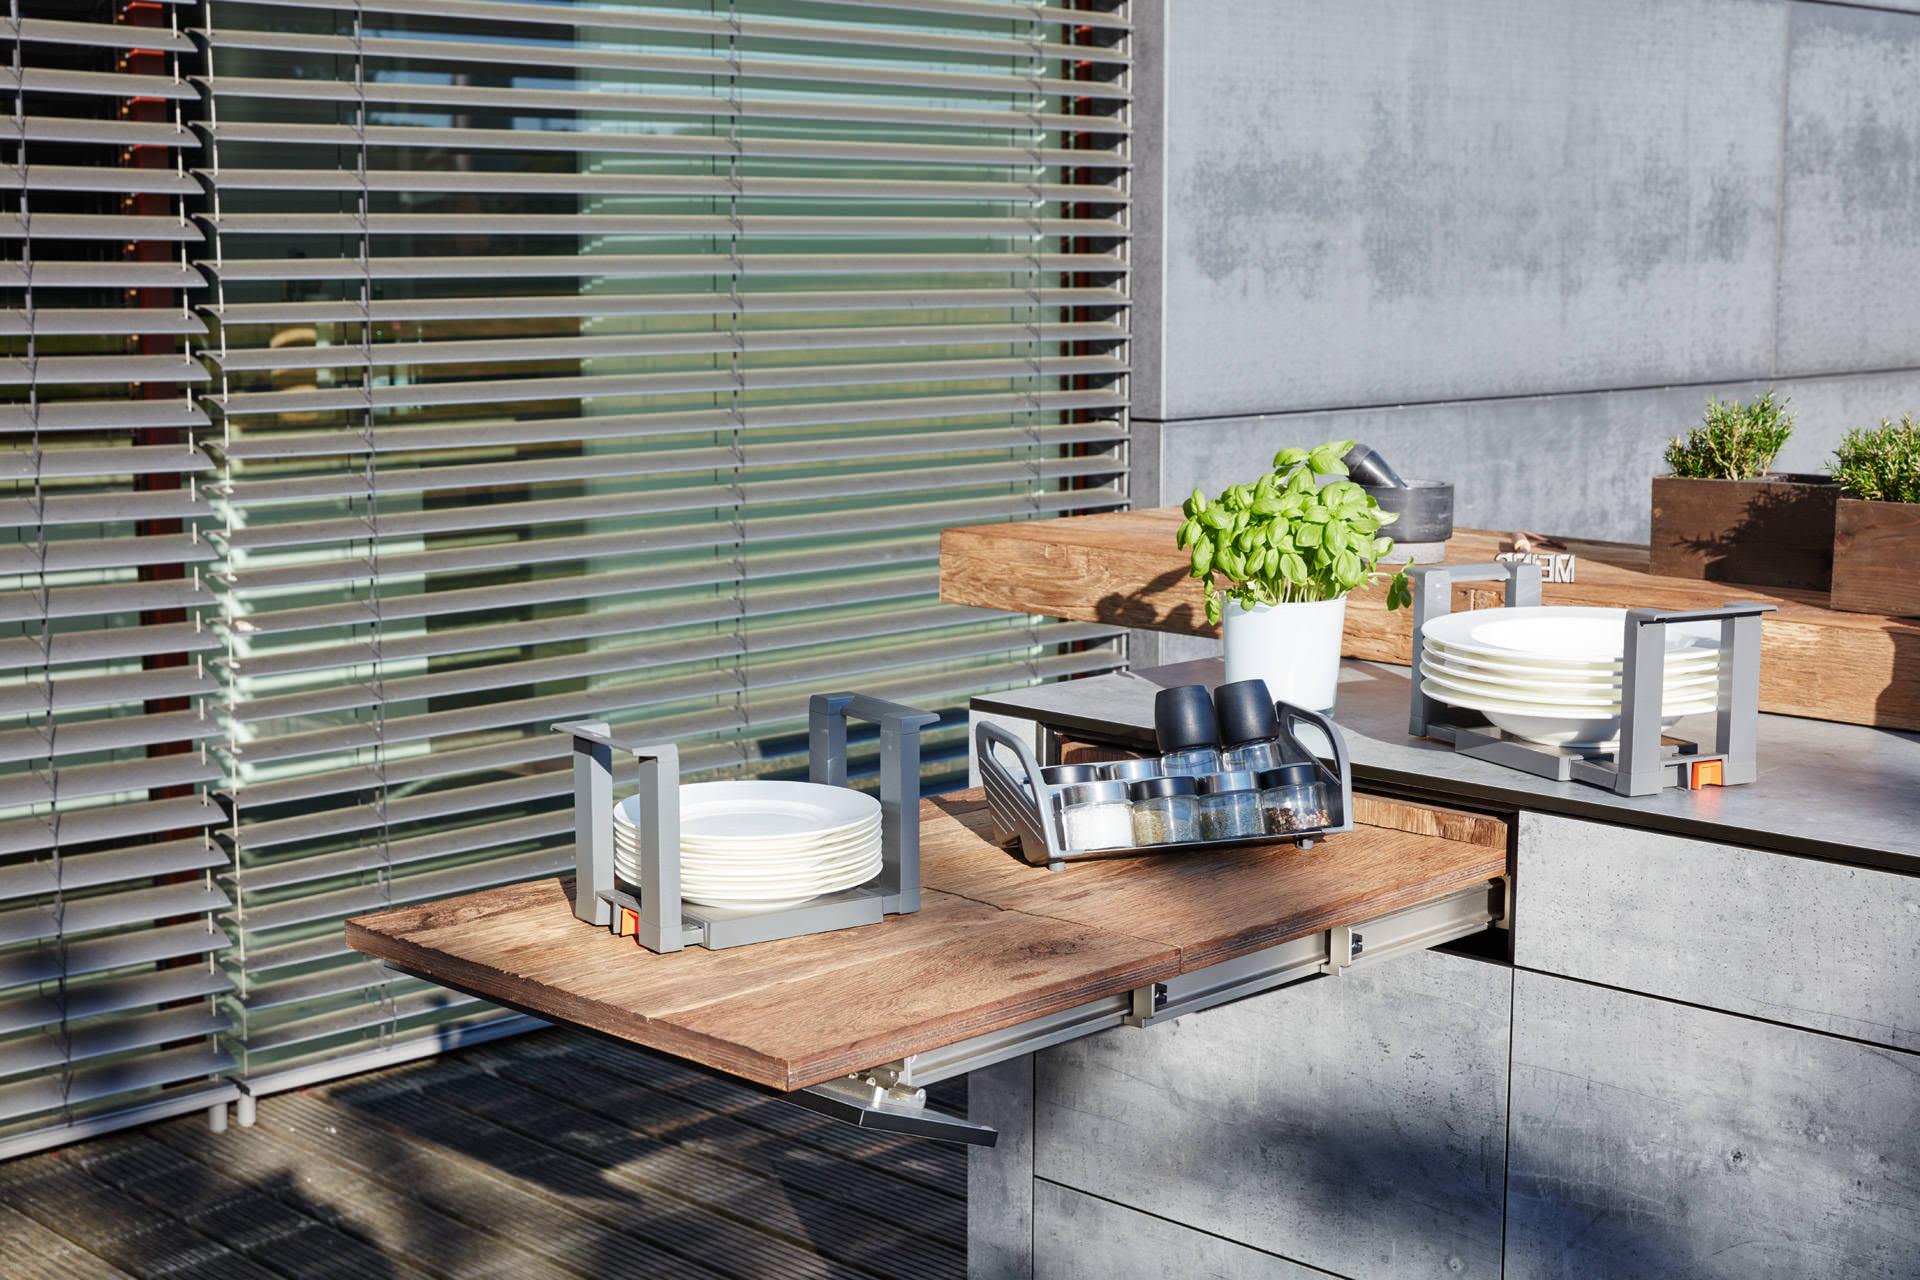 Outdoorküche Tür Vergleich : Luxus outdoorküche made in germany. handwerk aus leidenschaft